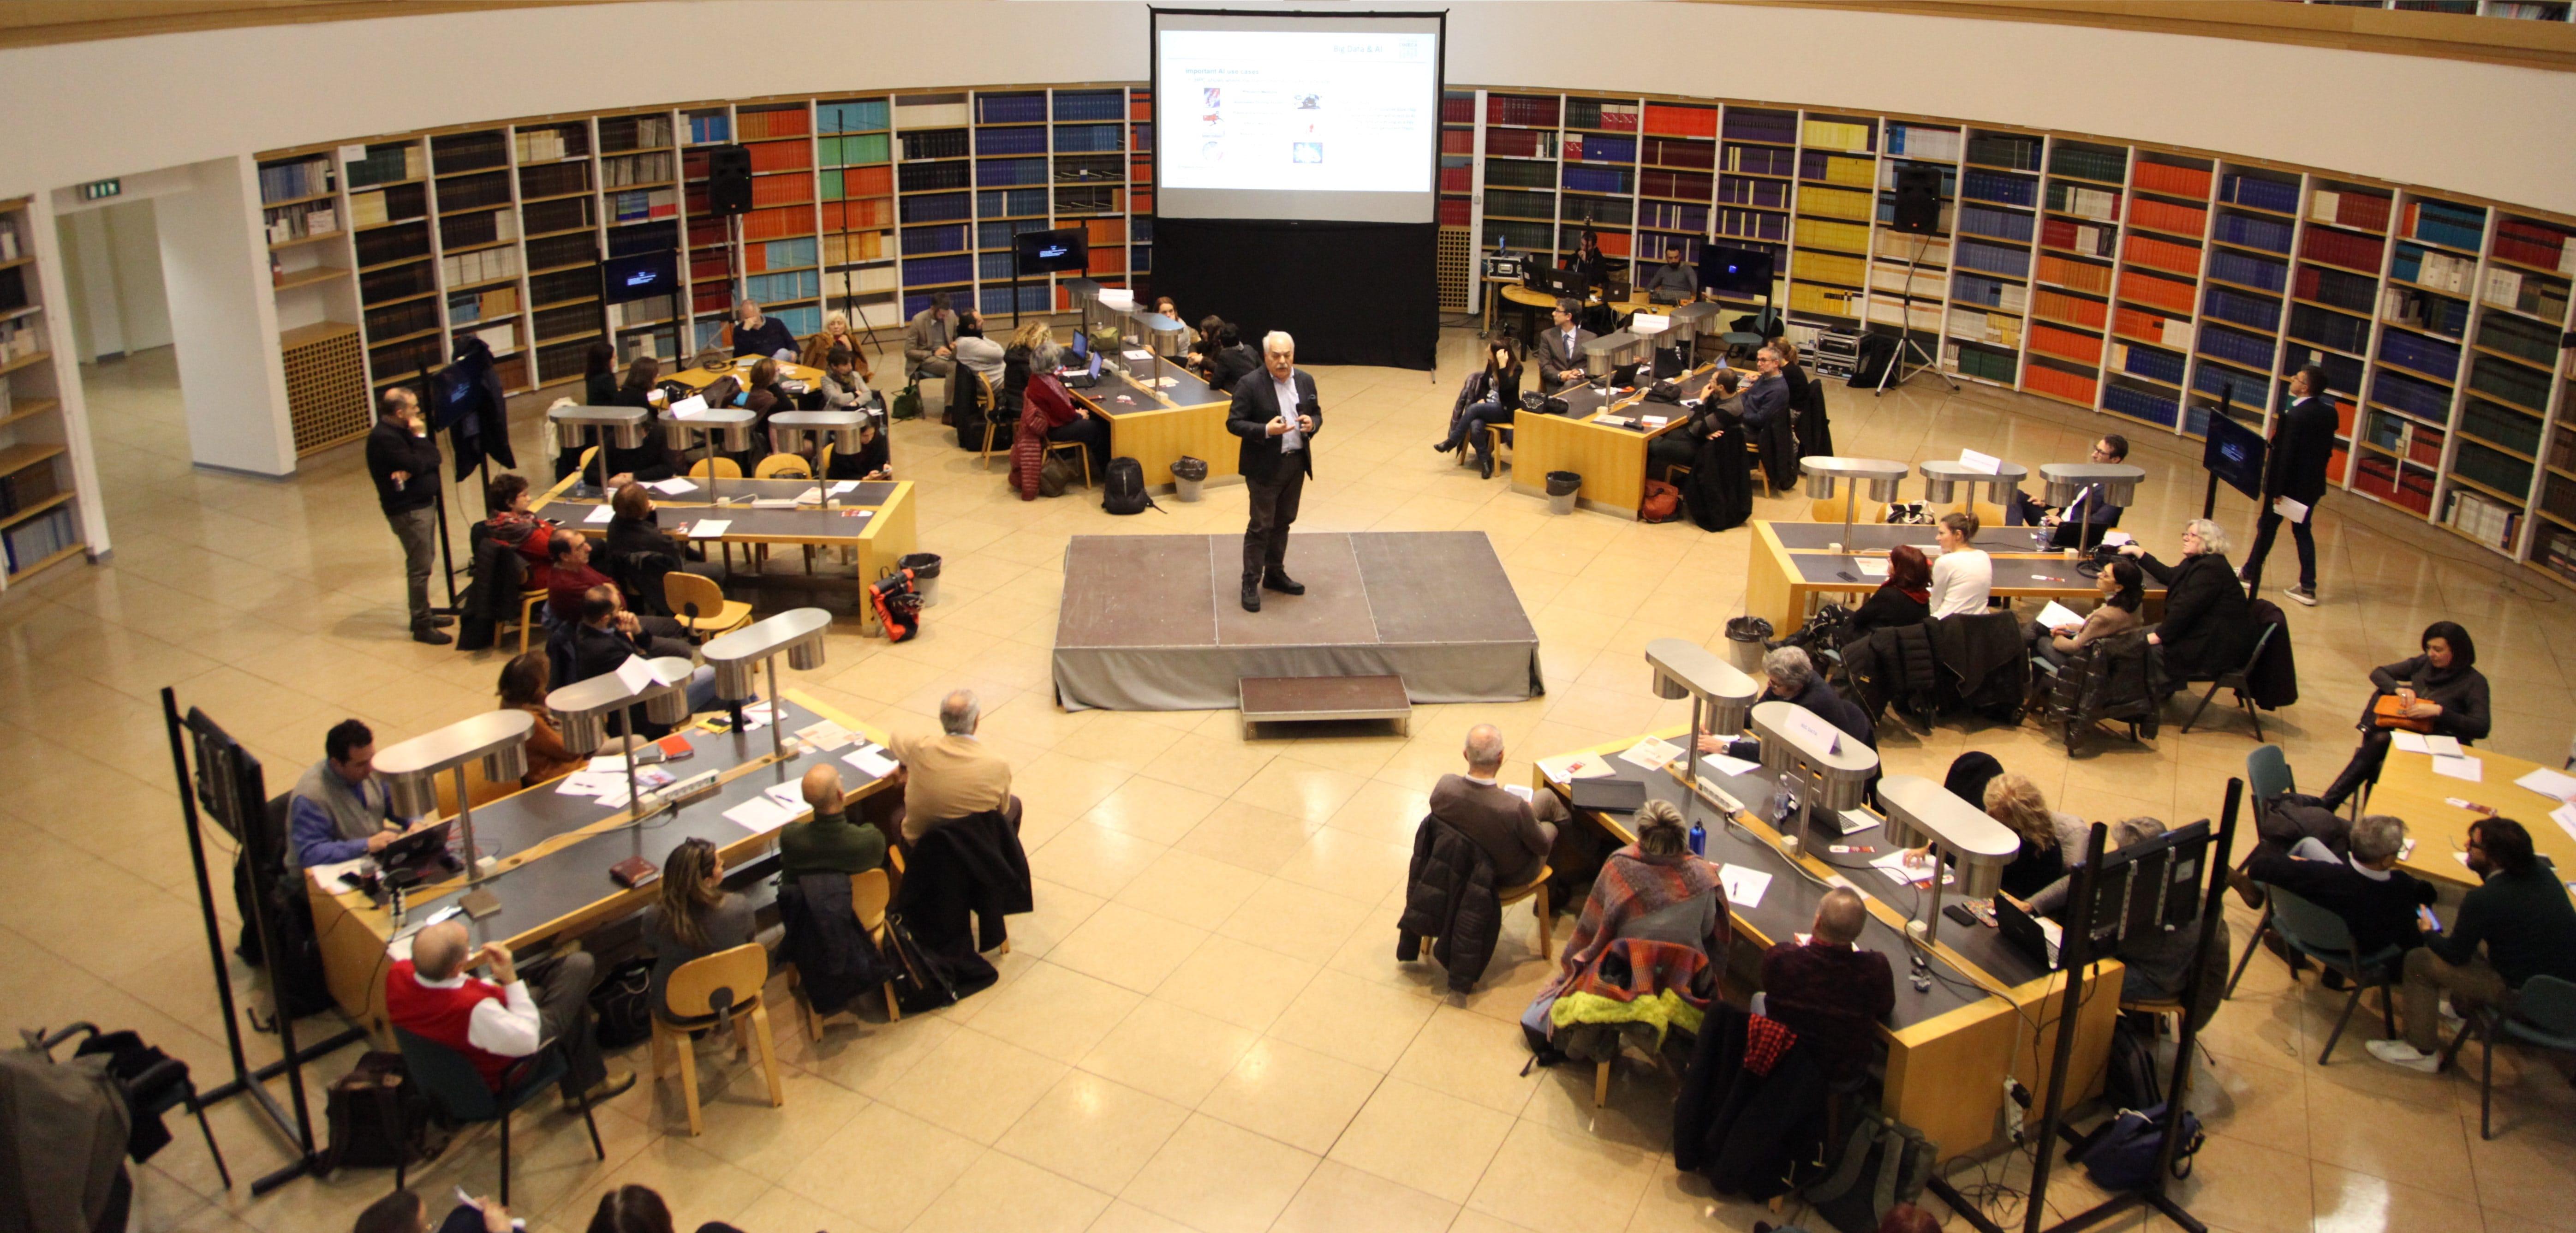 La gallery fotografica di Innetworking: le scuole incontrano le comunità degli innovatori dell'Emilia-Romagna